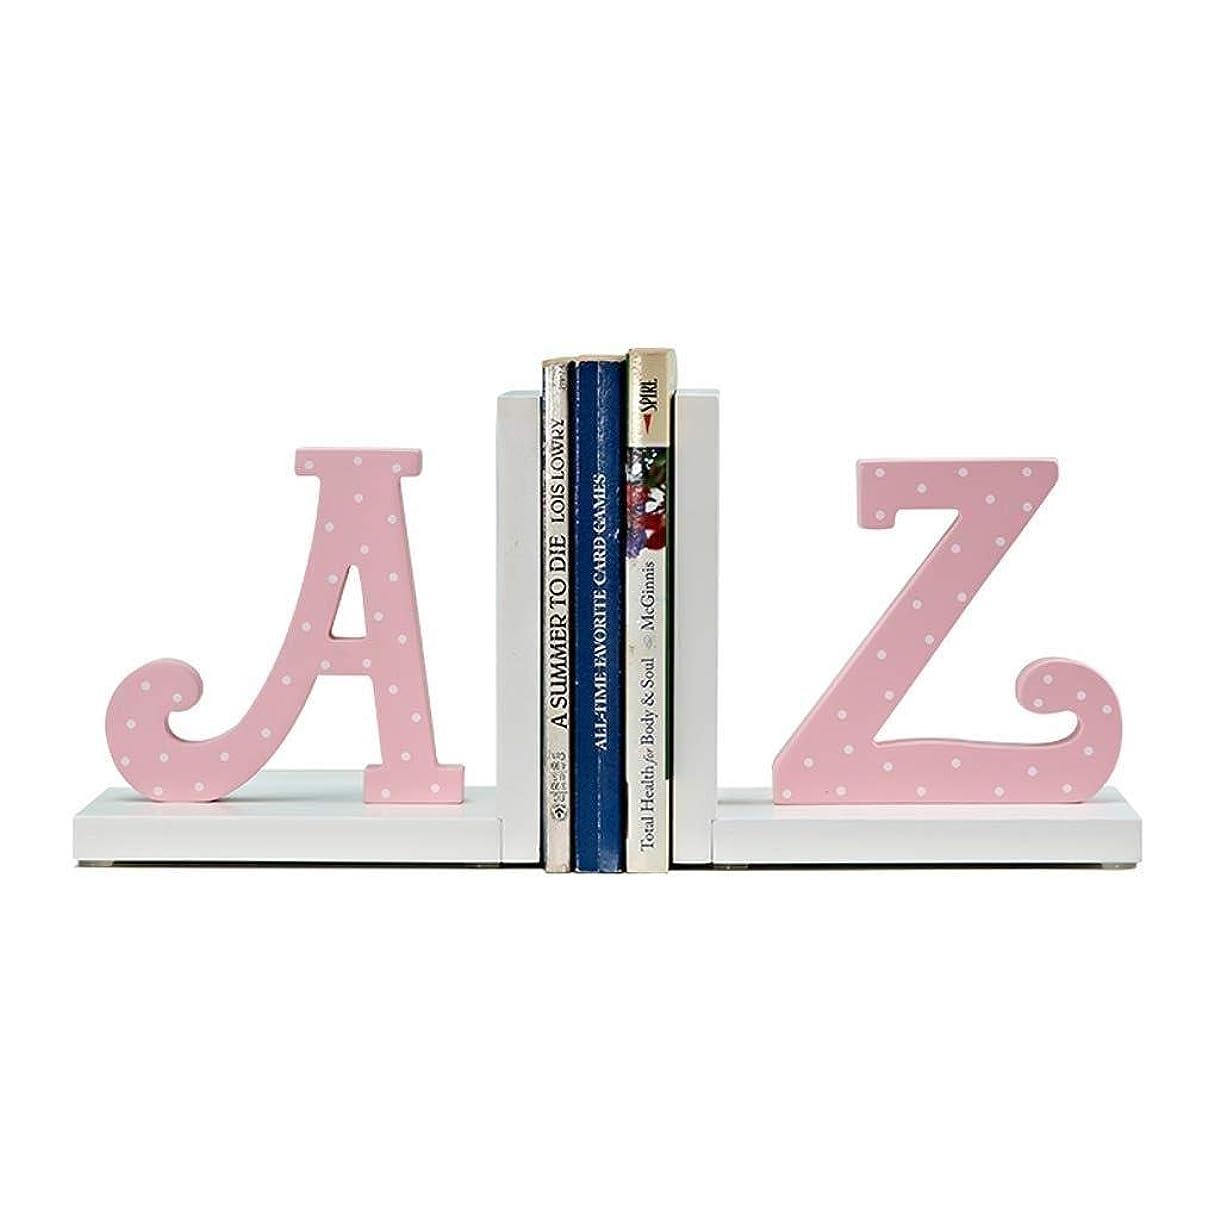 パッケージライン鈍いRMJAI リビングルーム 本棚漫画ブックエンド装飾装飾子供部屋クリエイティブブックスタンドモデルルームの装飾ピンク飾り装飾品21×10×16センチ 家庭やオフィスに最適